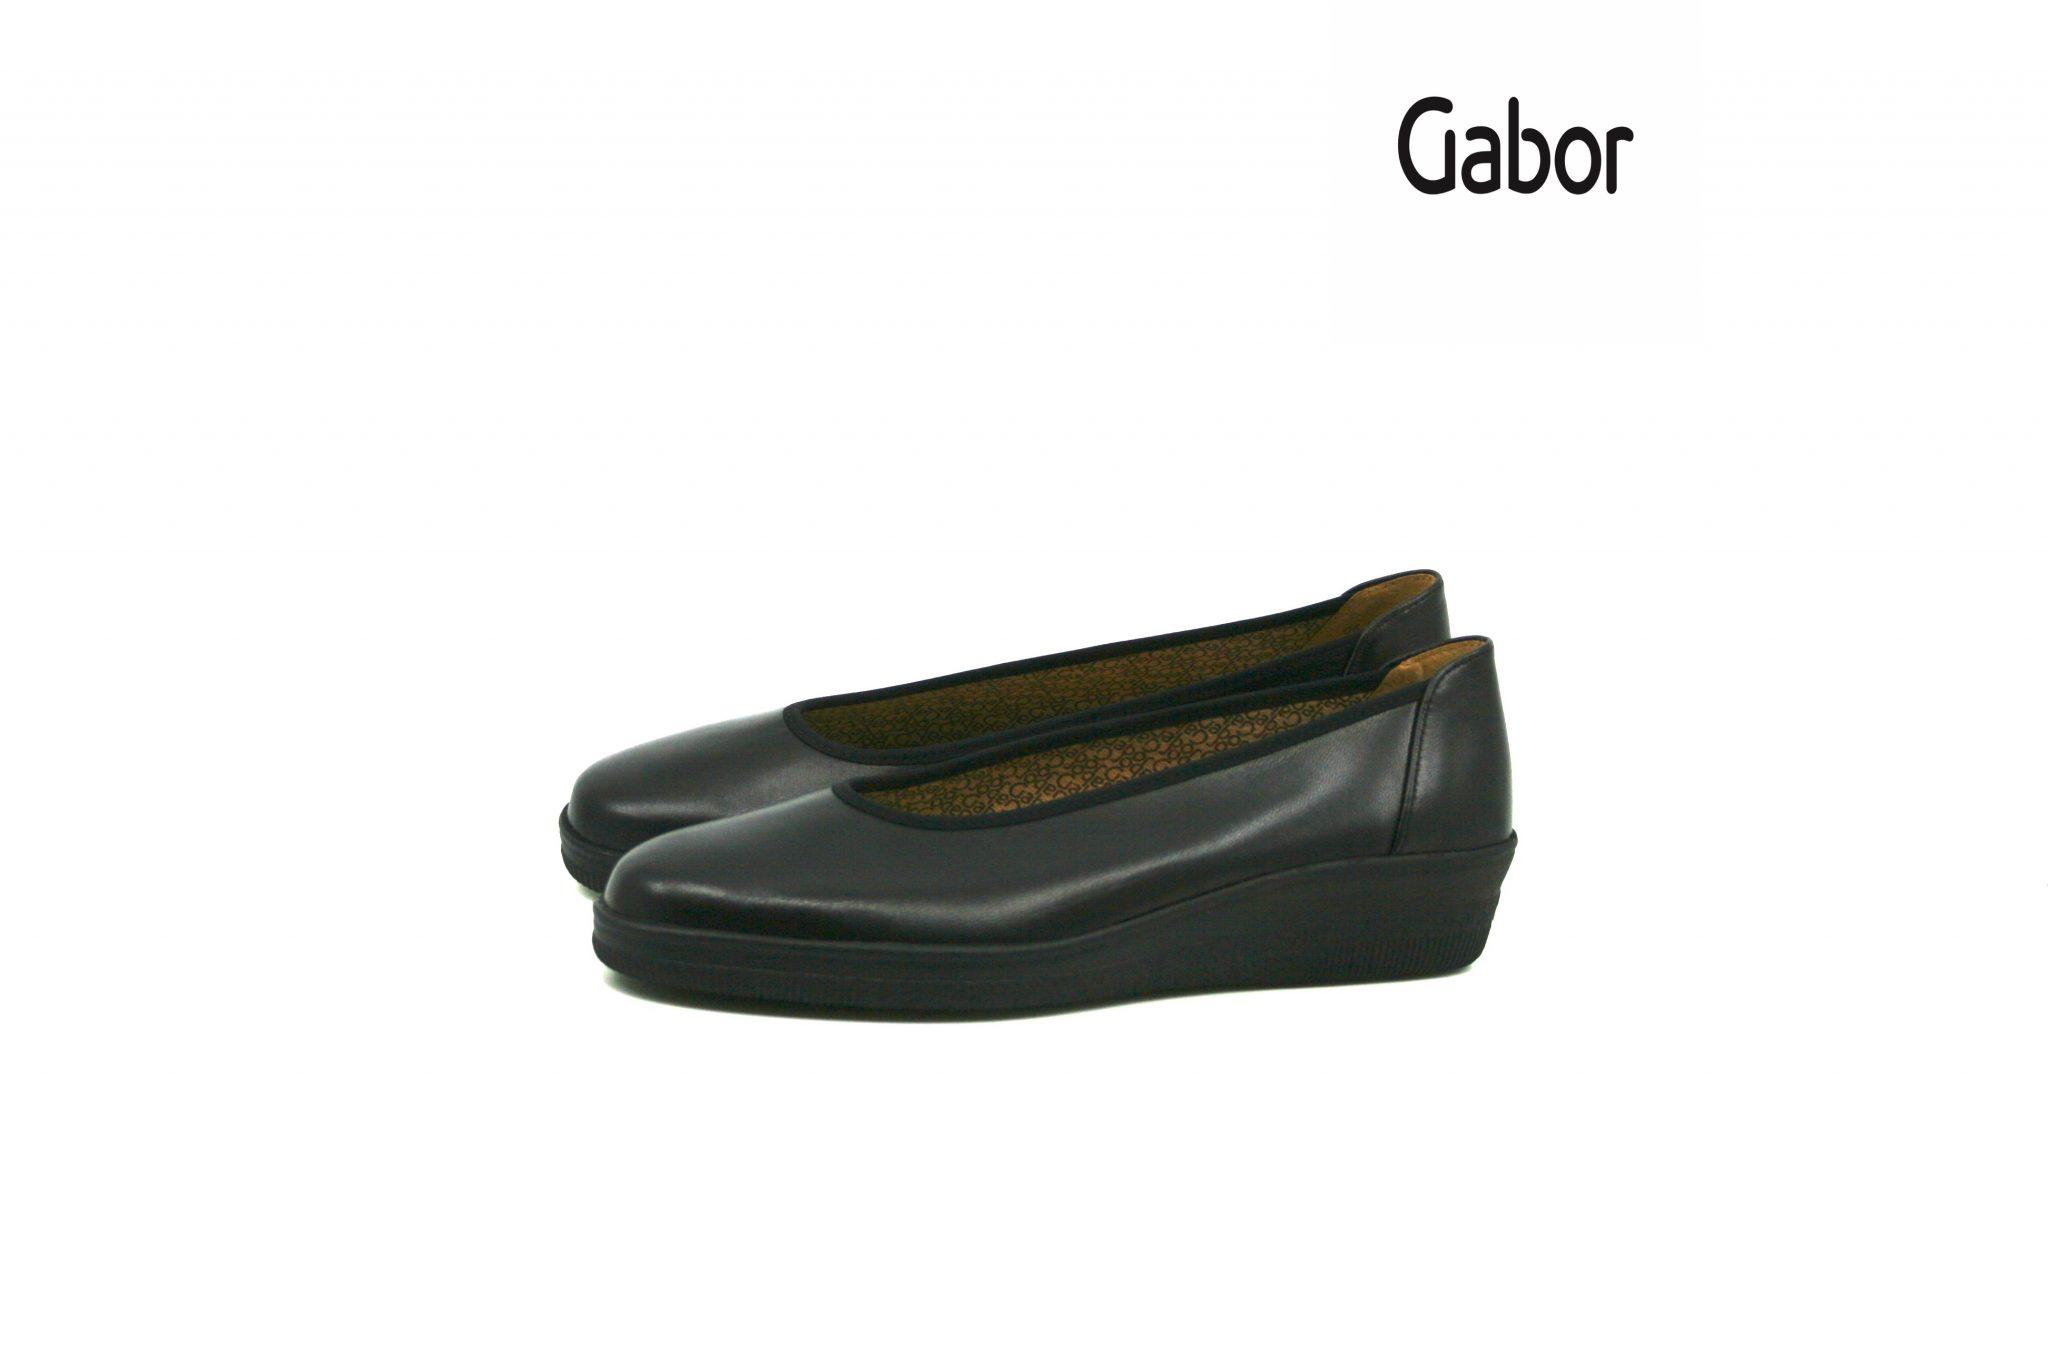 e2aad302bc2f Damkjaer Sko Online Shop - Gabor Sko Til Dame - 06.400.37